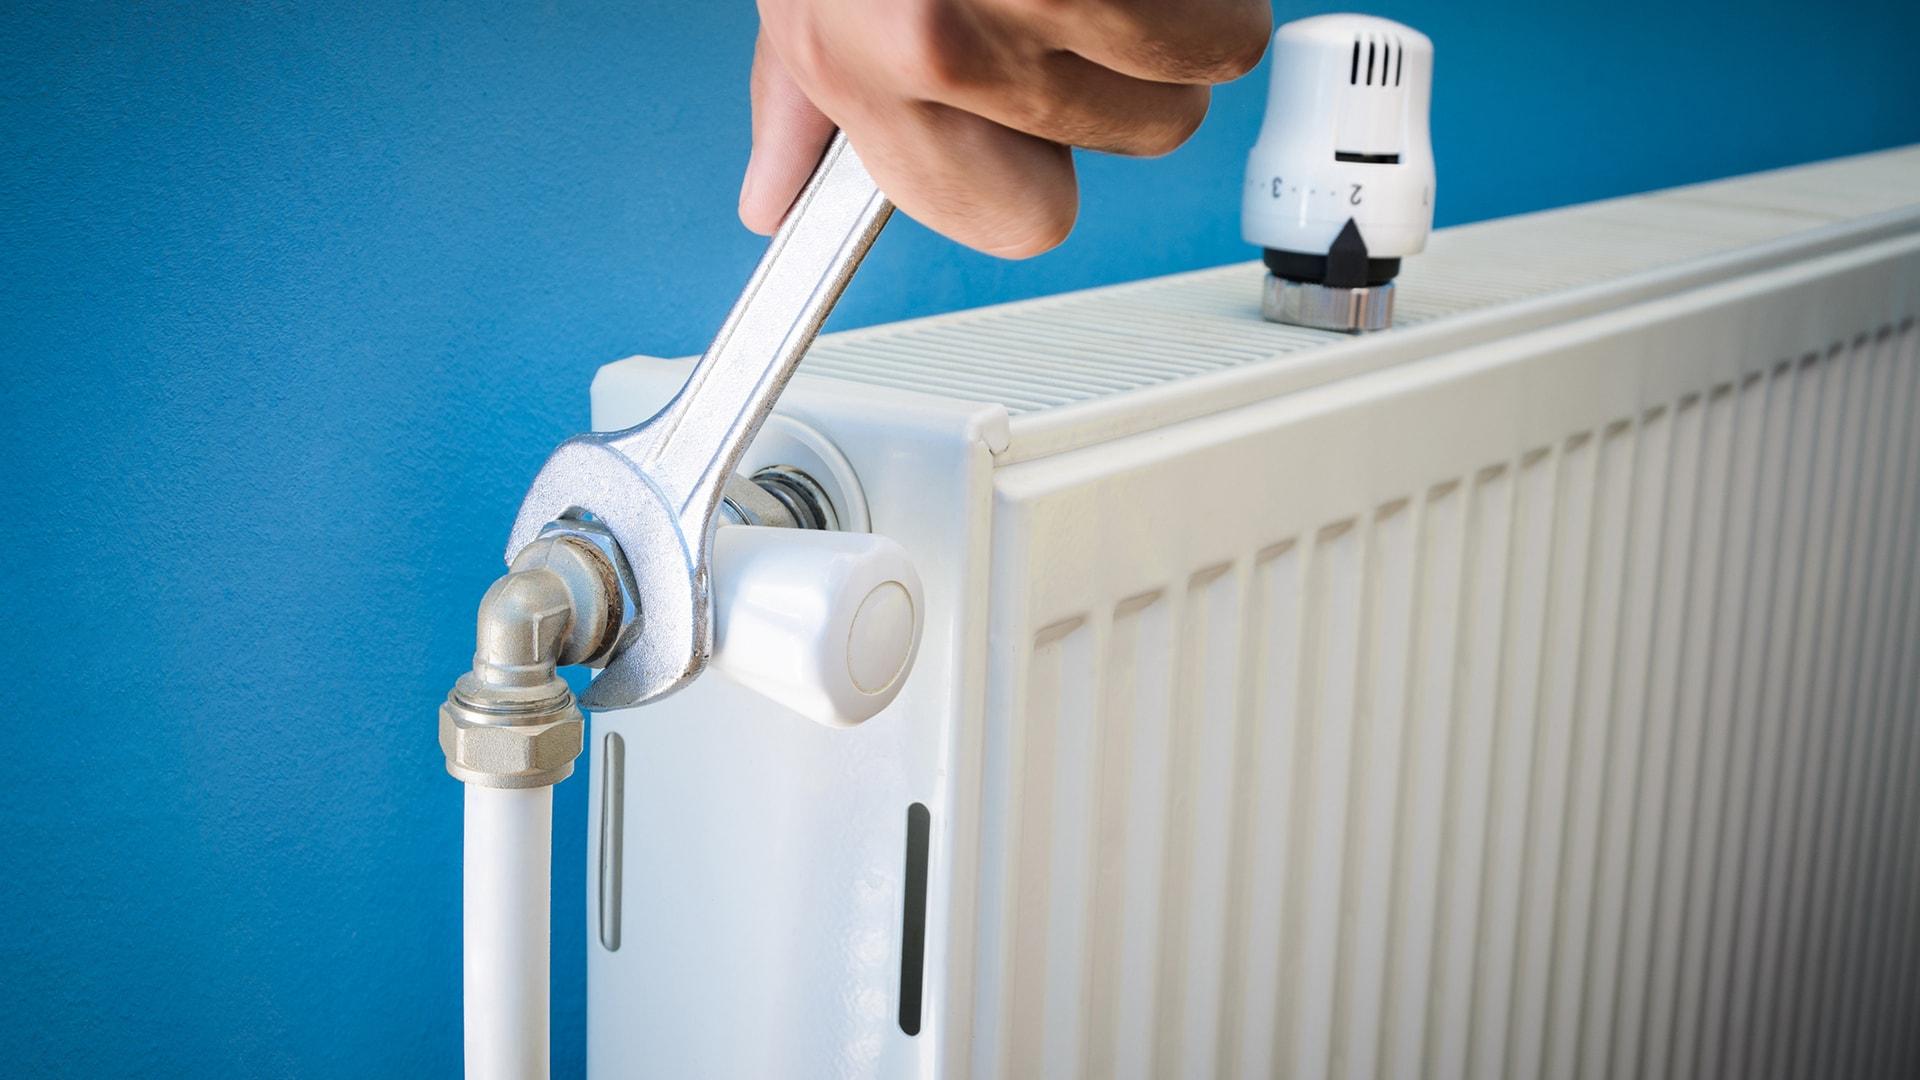 Purge et contrôle des radiateurs